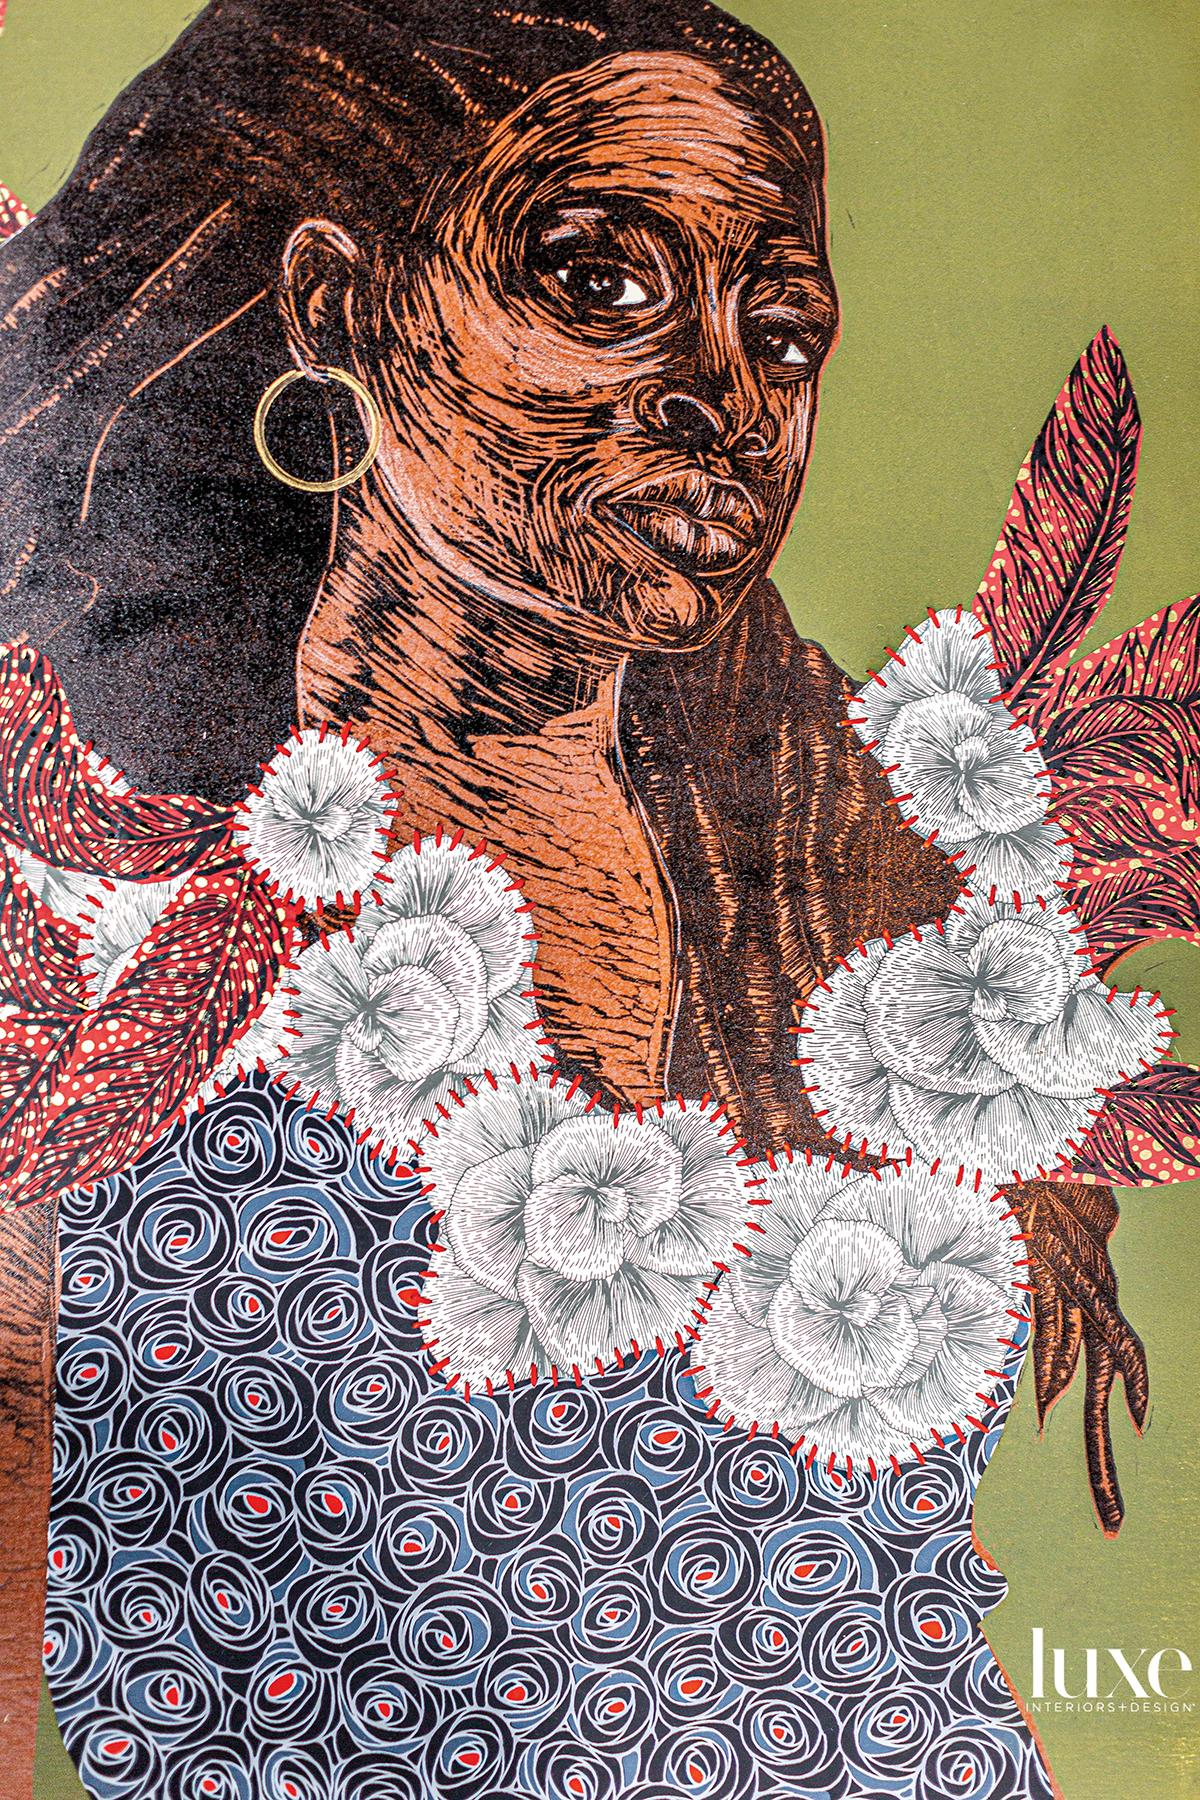 Delita Martin's mixed-media prints